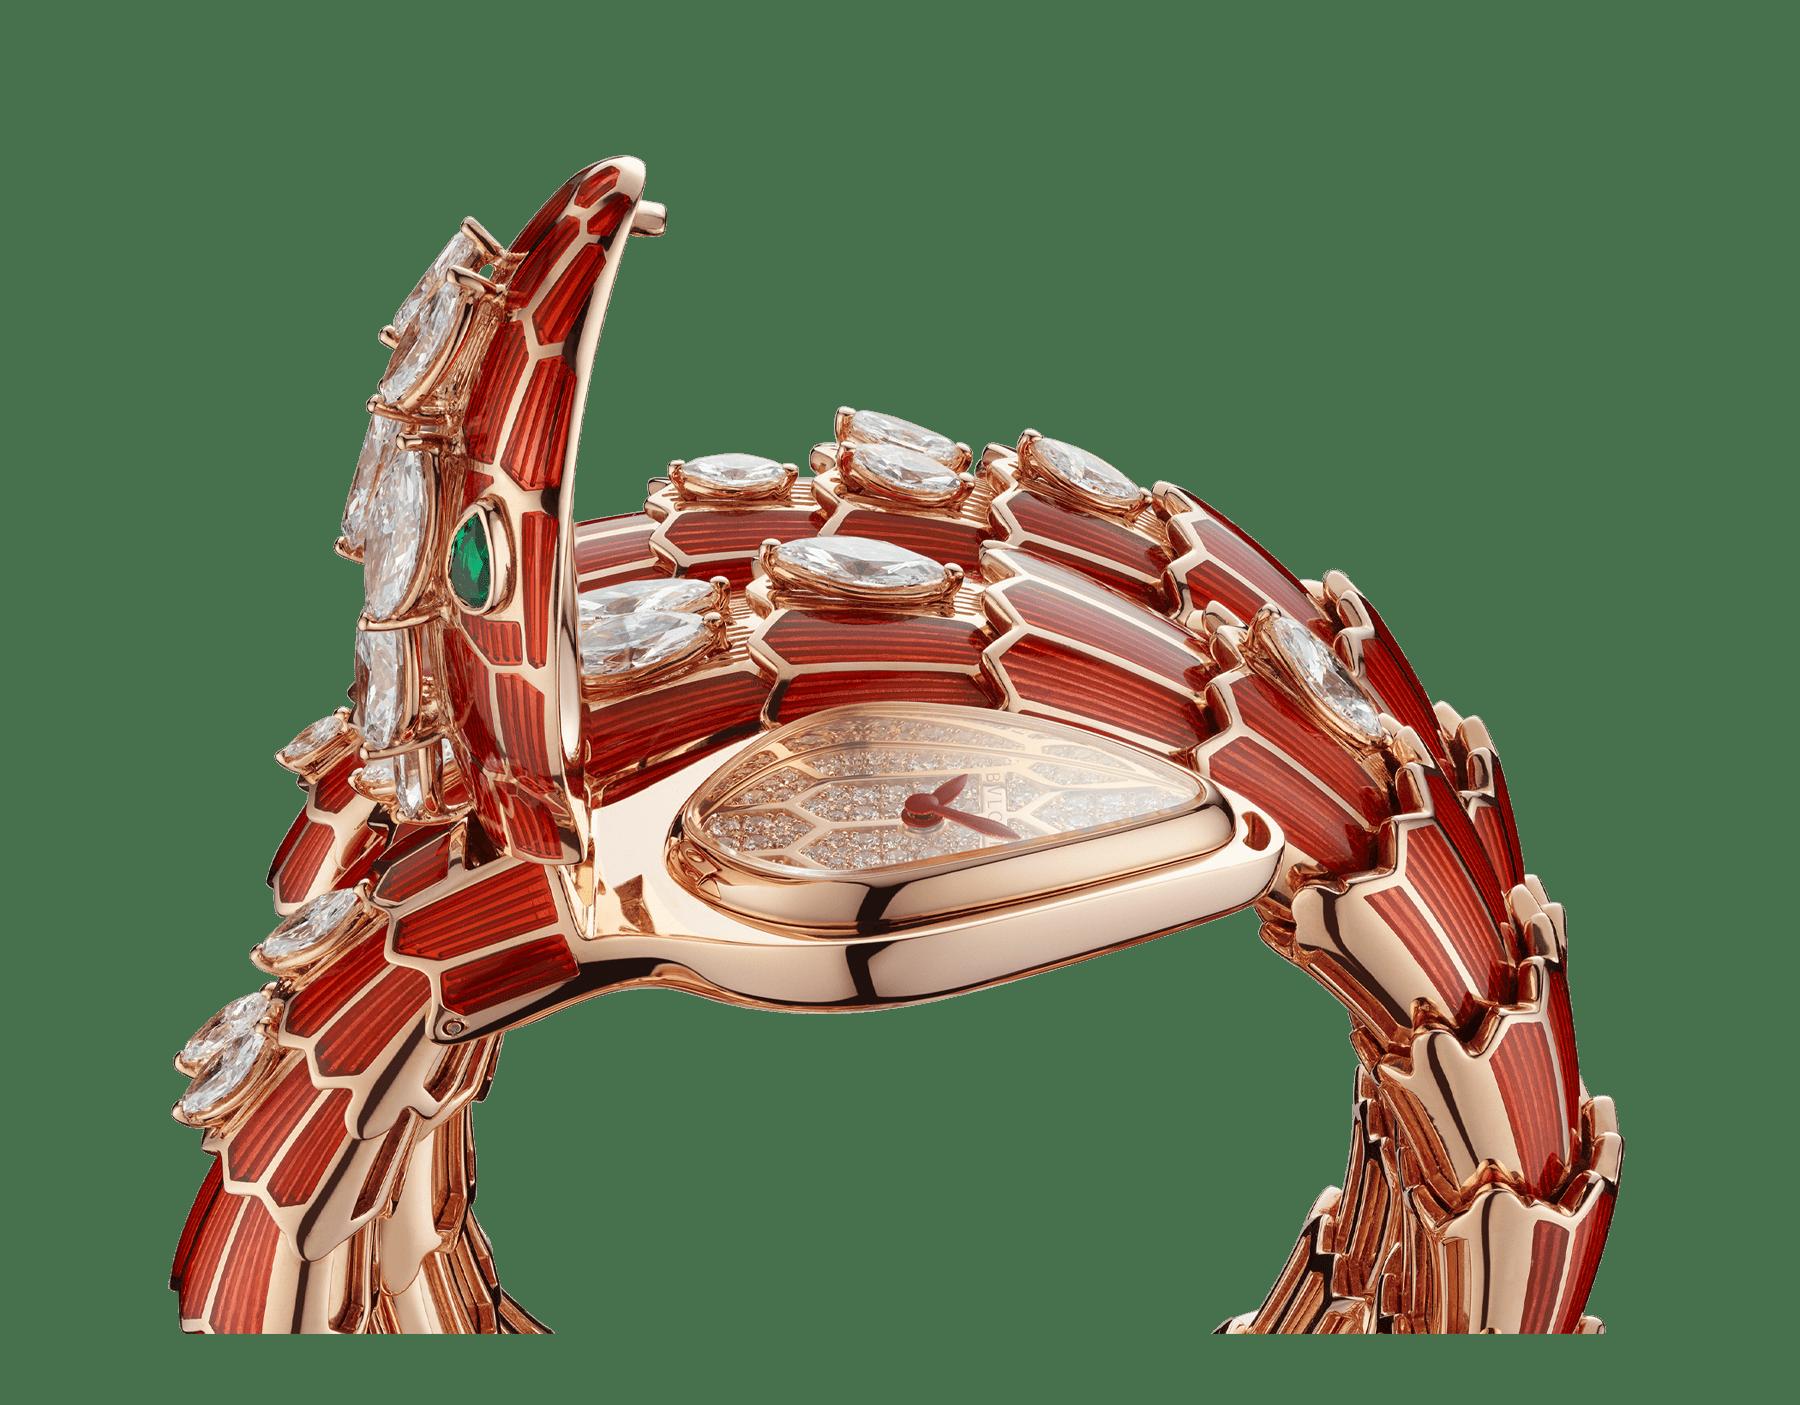 Serpenti Secret Watch mit Kopf und doppelt geschwungenem Armband aus 18Karat Roségold, beide mit roter Lackierung und Diamanten im Marquiseschliff, Augen aus Smaragden, Zifferblatt aus 18Karat Roségold mit Diamanten im Brillantschliff. 102527 image 3